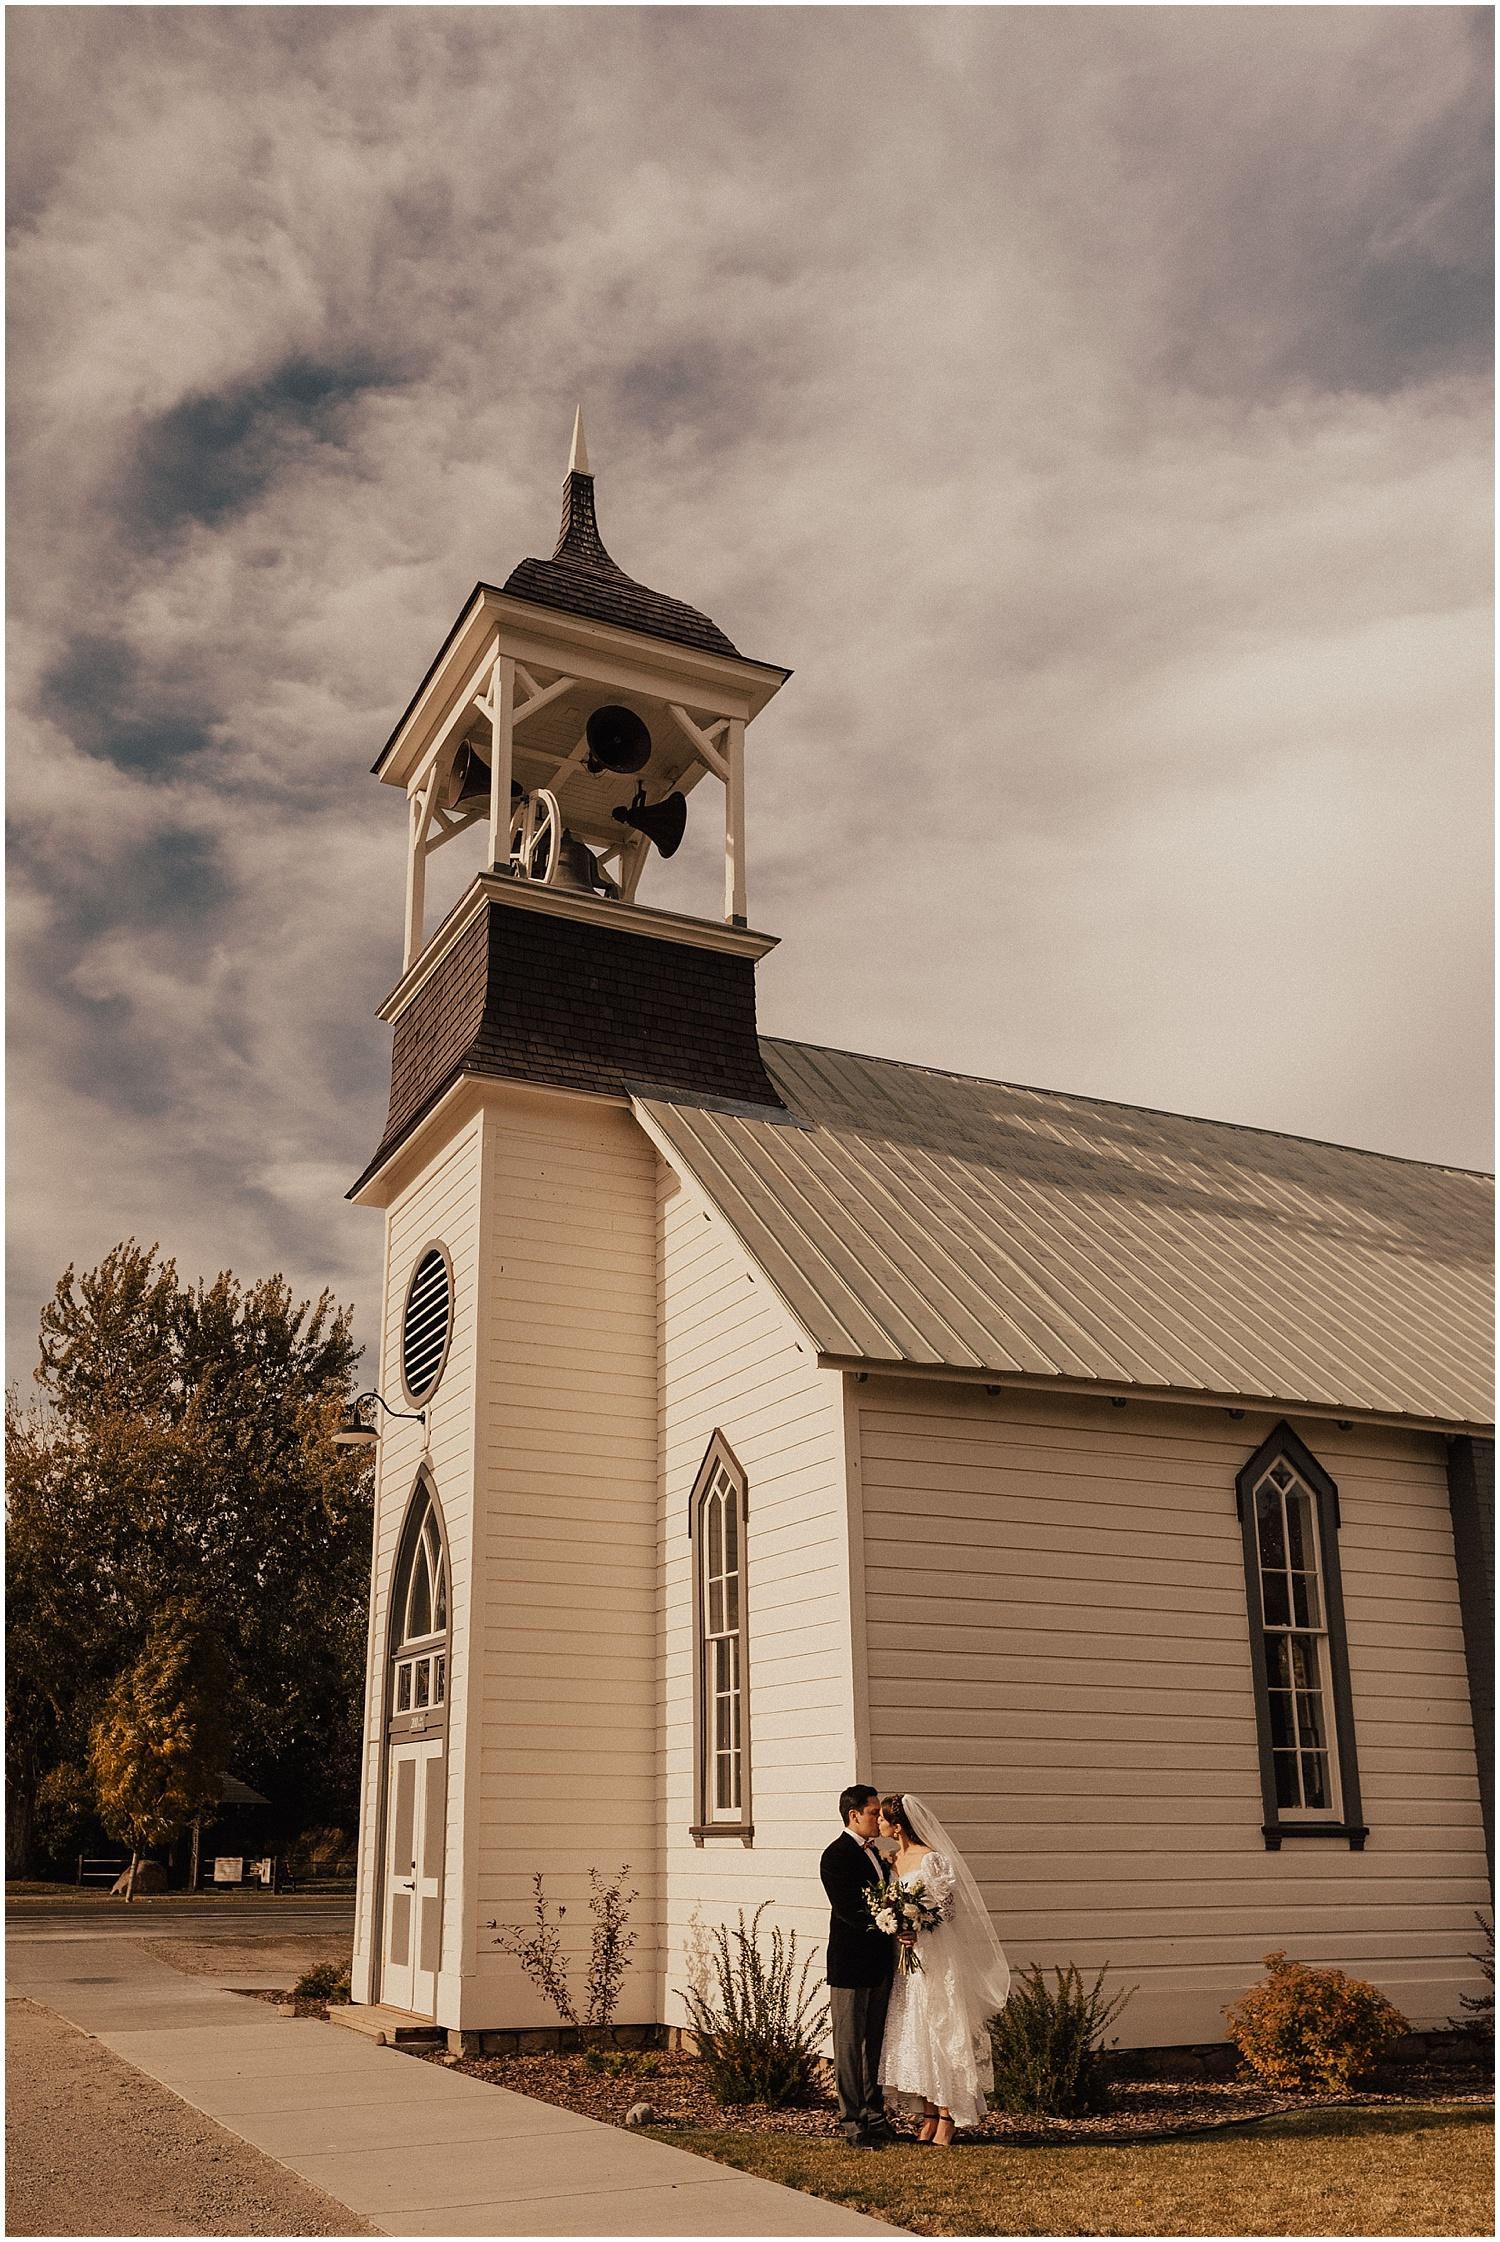 church-wedding-industrial-reception-sunvalley-idaho75.jpg